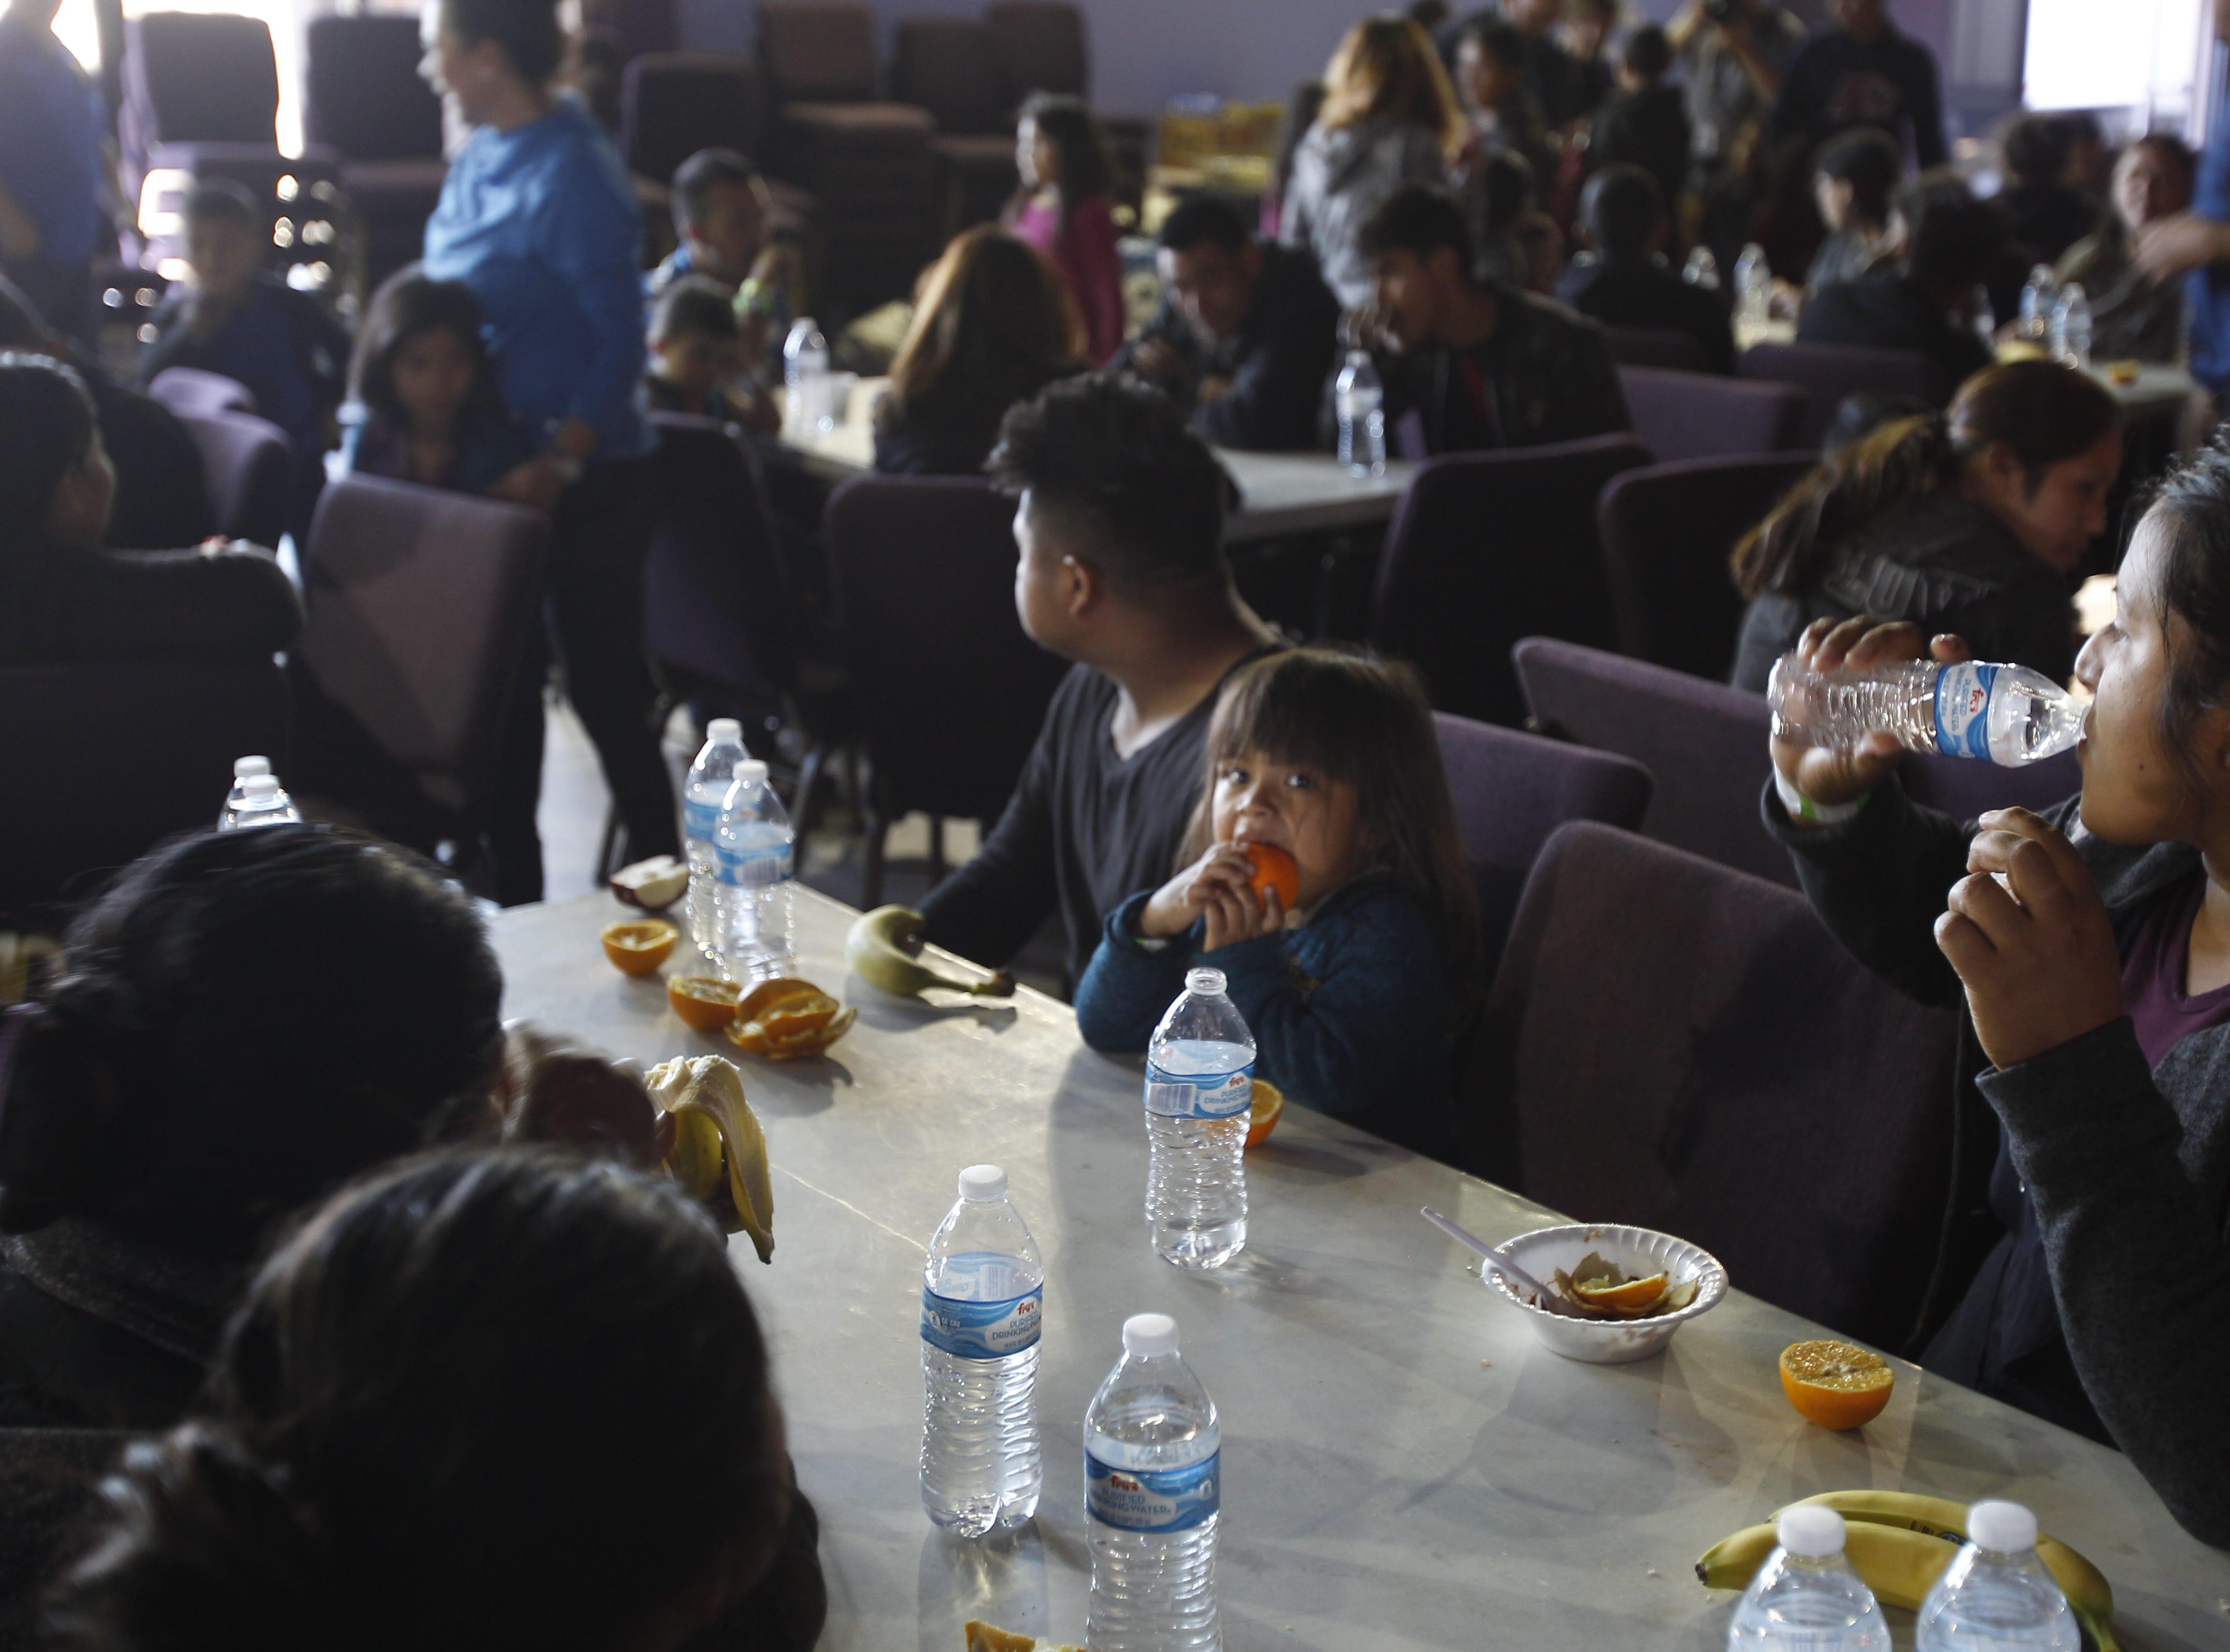 La iglesia La Hermosa da techo, comida y ropa a cientos de migrantes que fueron liberados por ICE en Arizona, y buscan reunirse con sus familiares